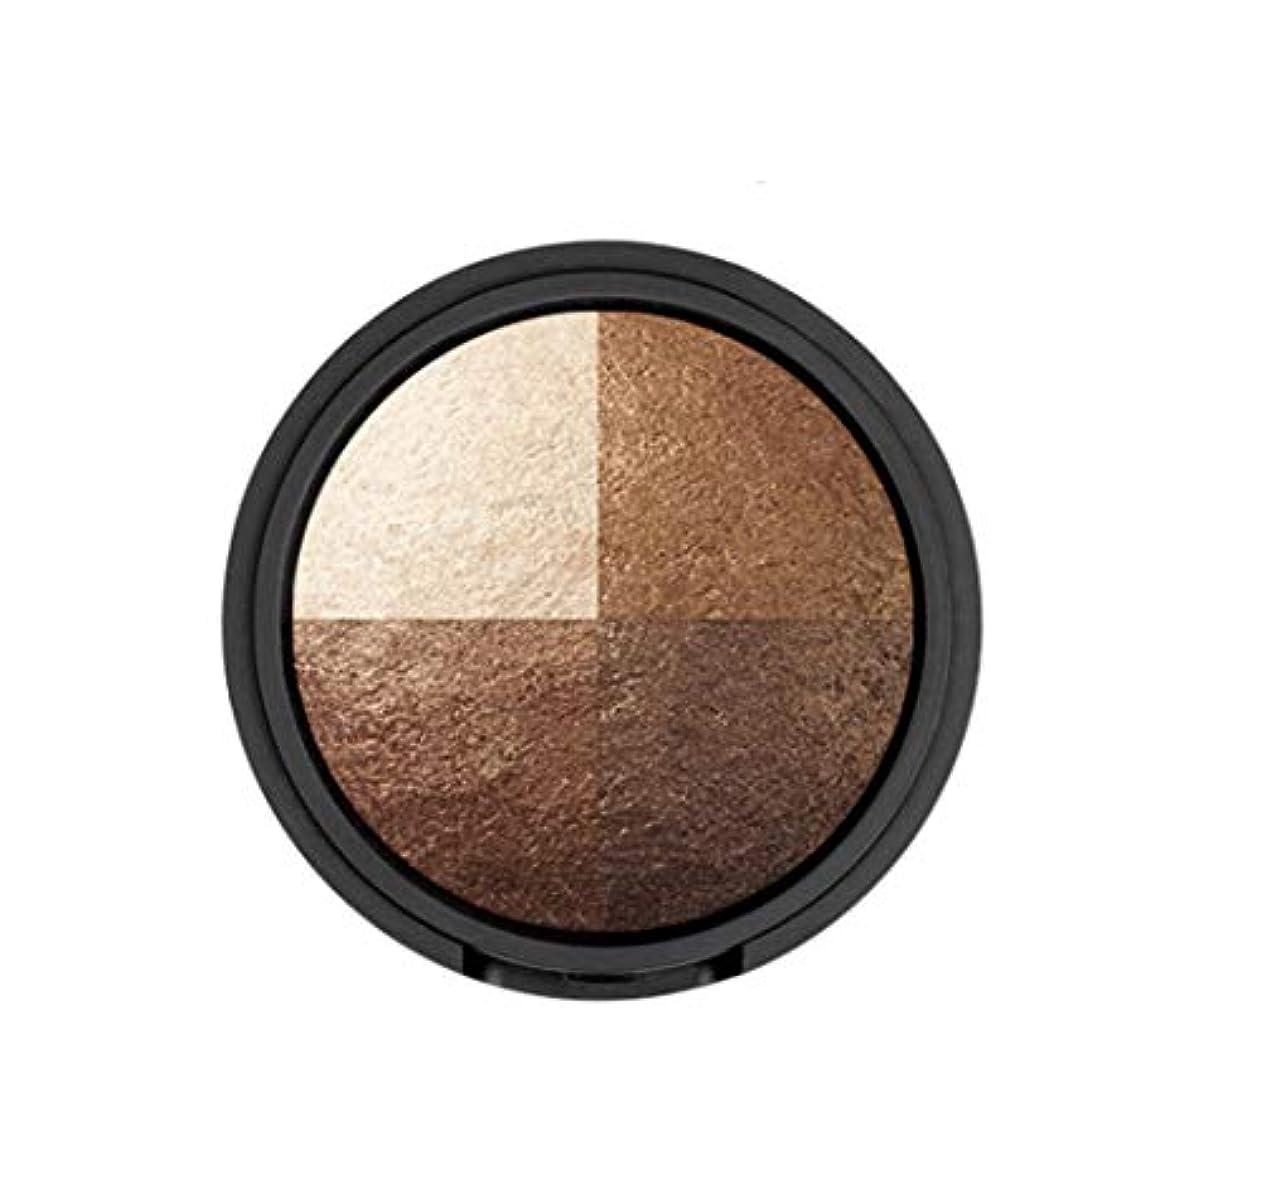 豪華な変装パーティションWAKEMAKE Eye Styler Eyeshadow 4色のアイシャドウパレット#7 REAL BROWN(並行輸入品)